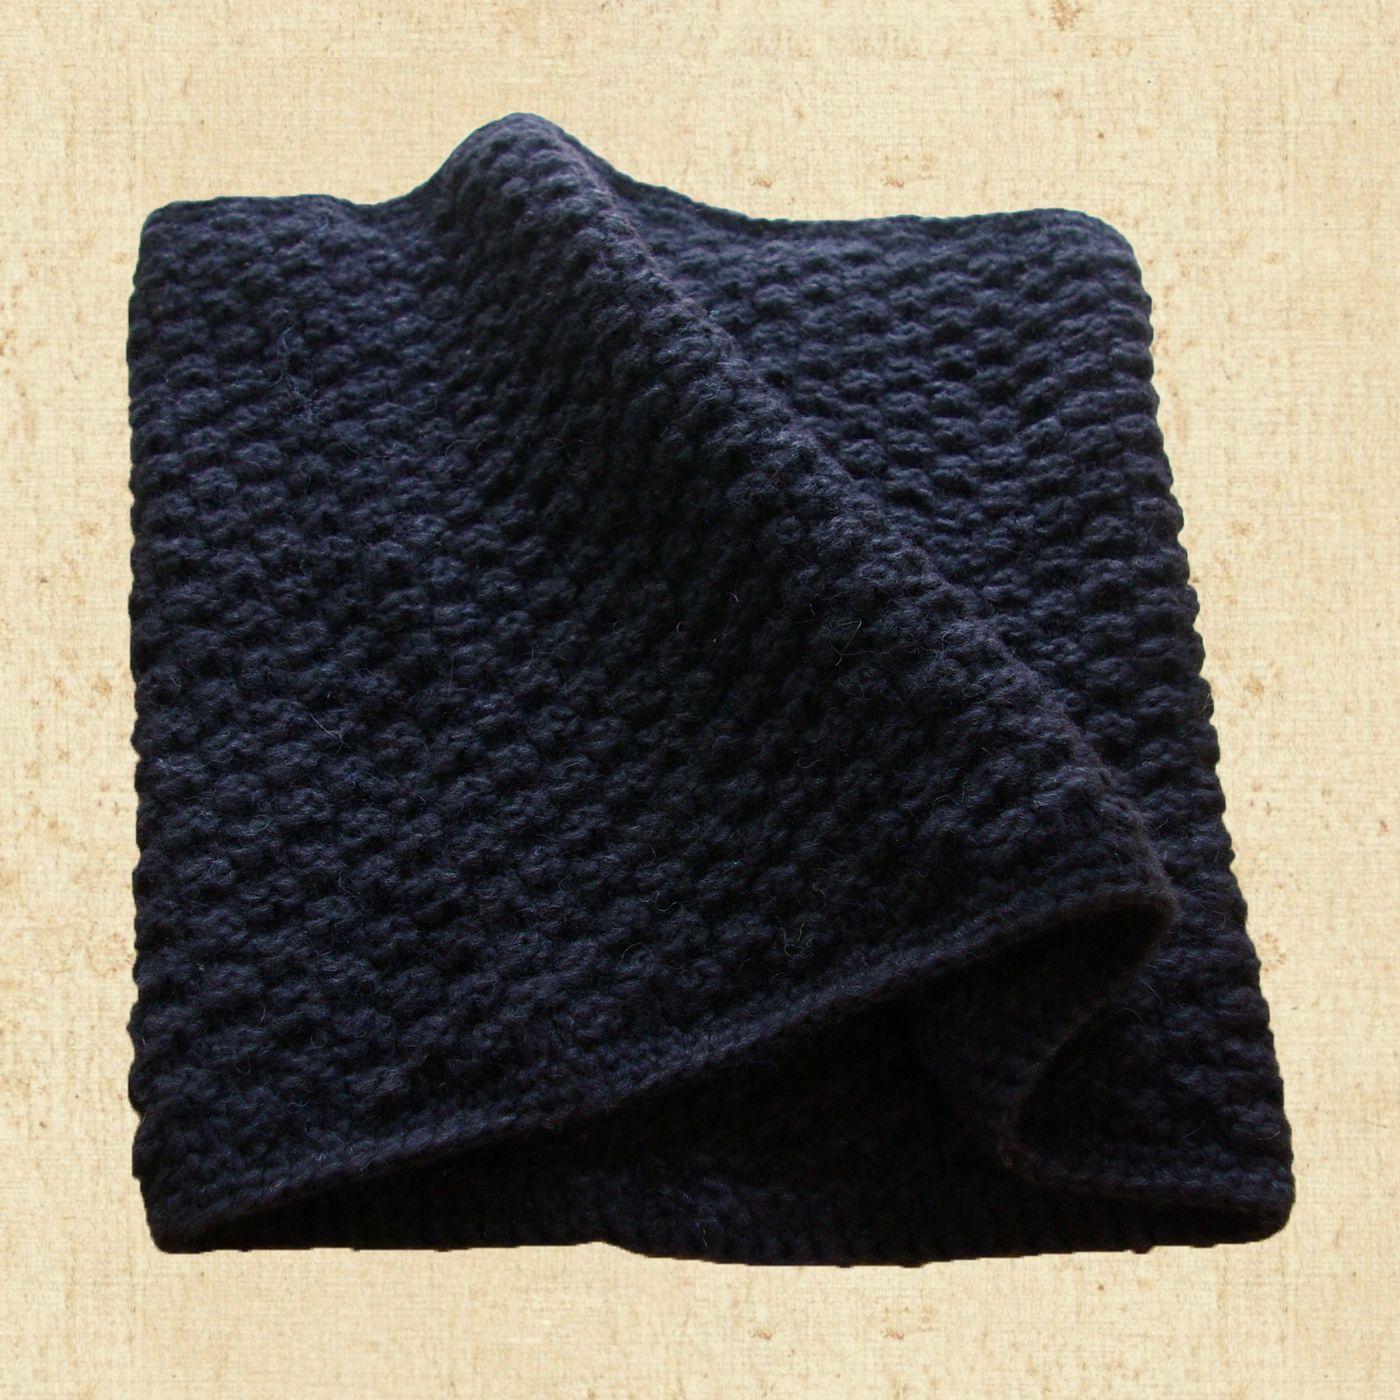 Loop Schal Für Kinder Nähen Anleitung Kostenlos Schlupfmütze Nähen